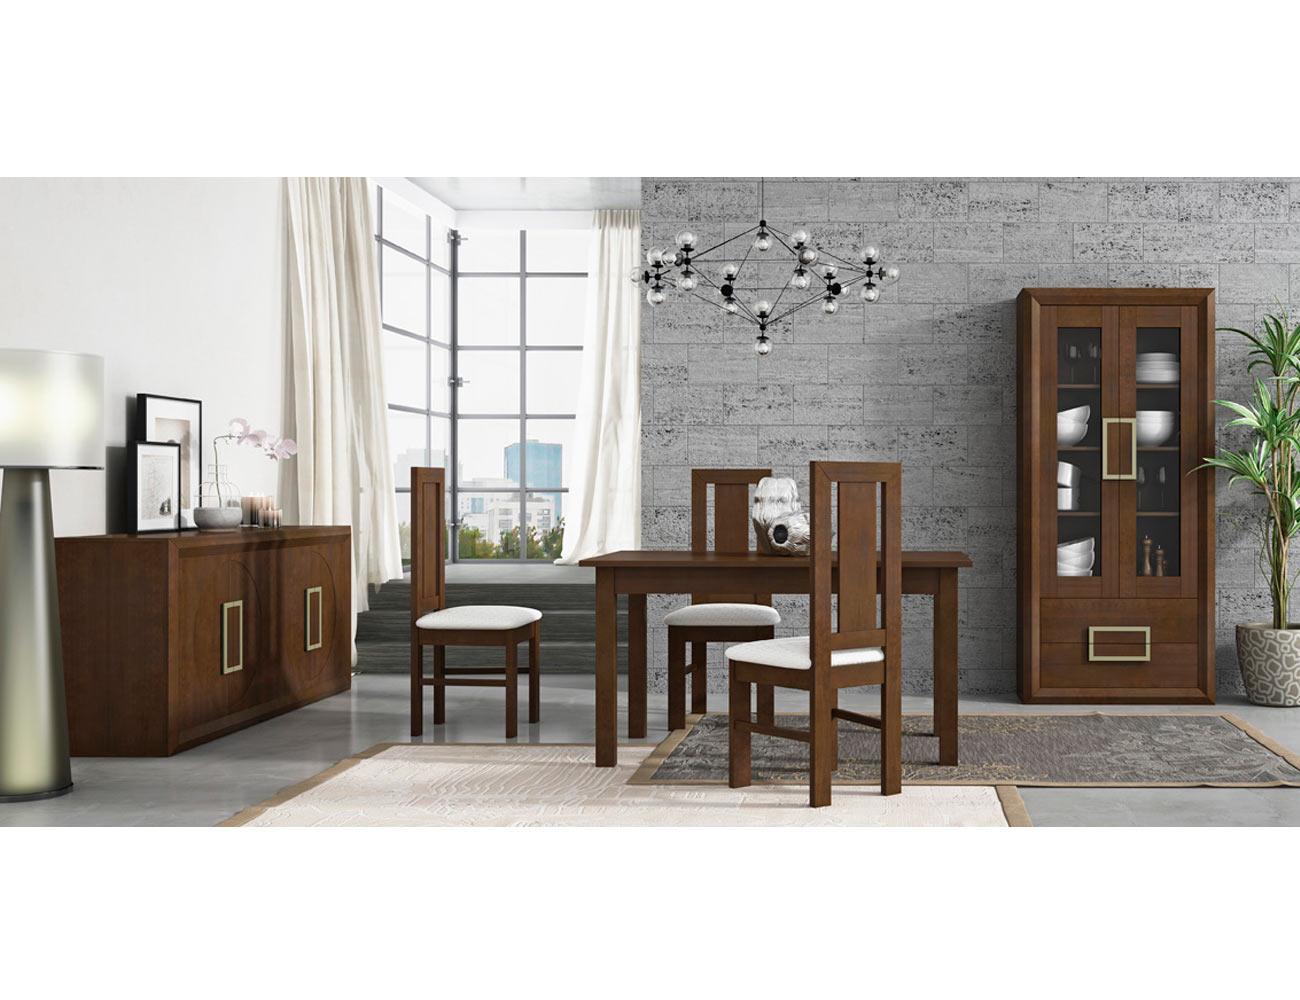 Ambiente 05 mueble salon comedor5